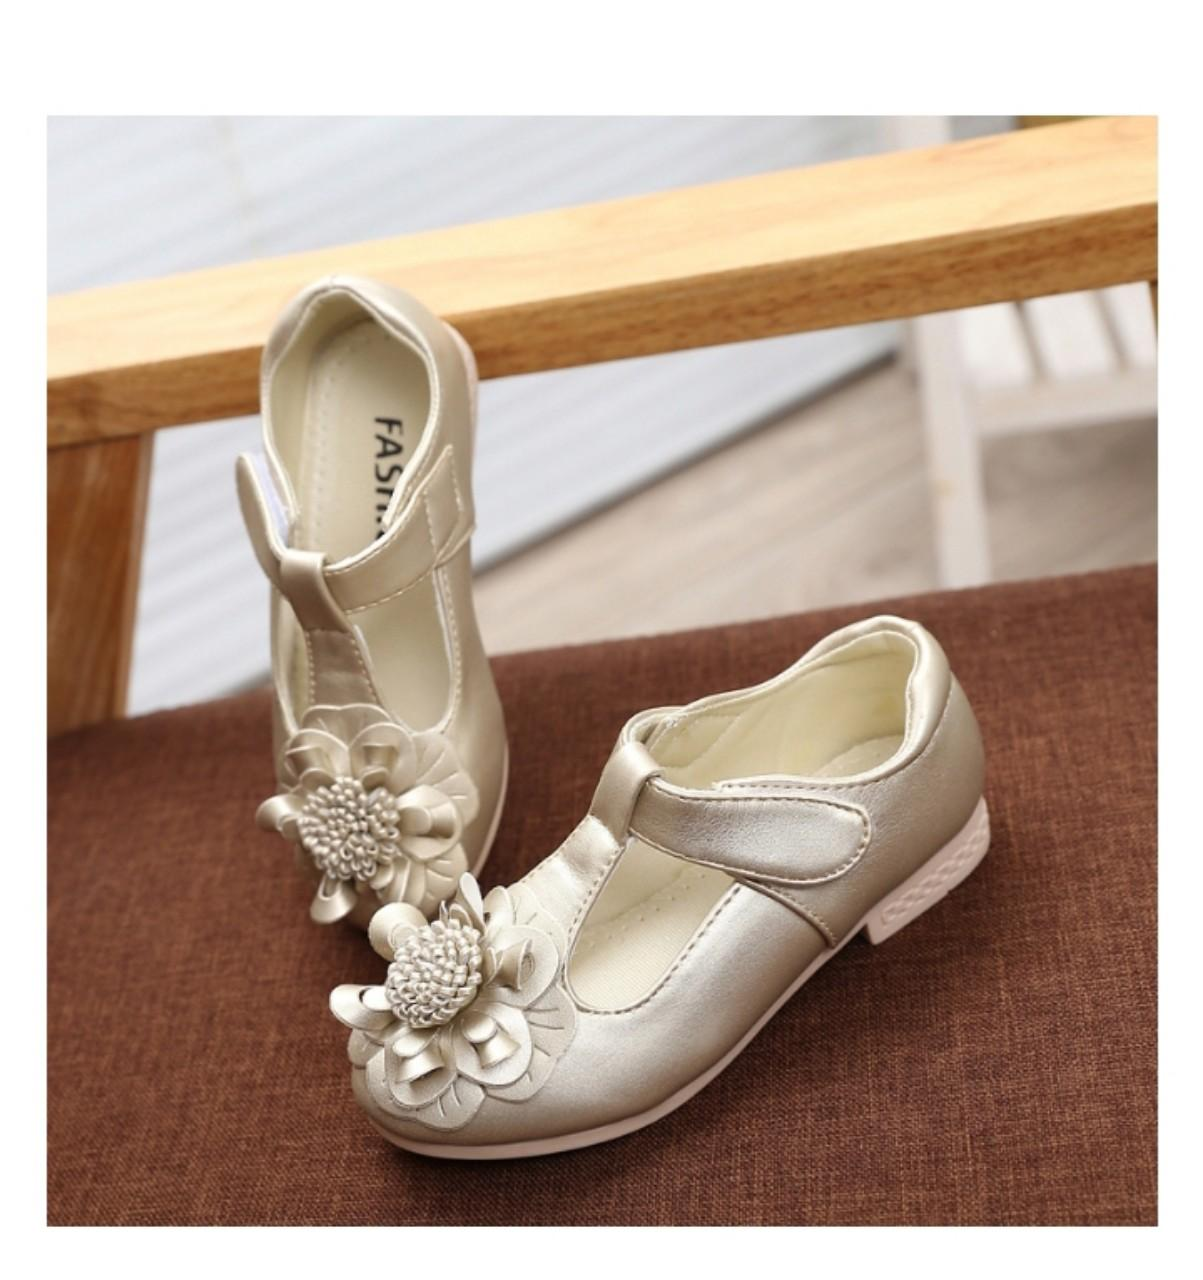 Giá bán Giày công chúa đính hoa Hàn Quốc - Vàng Kim NL003